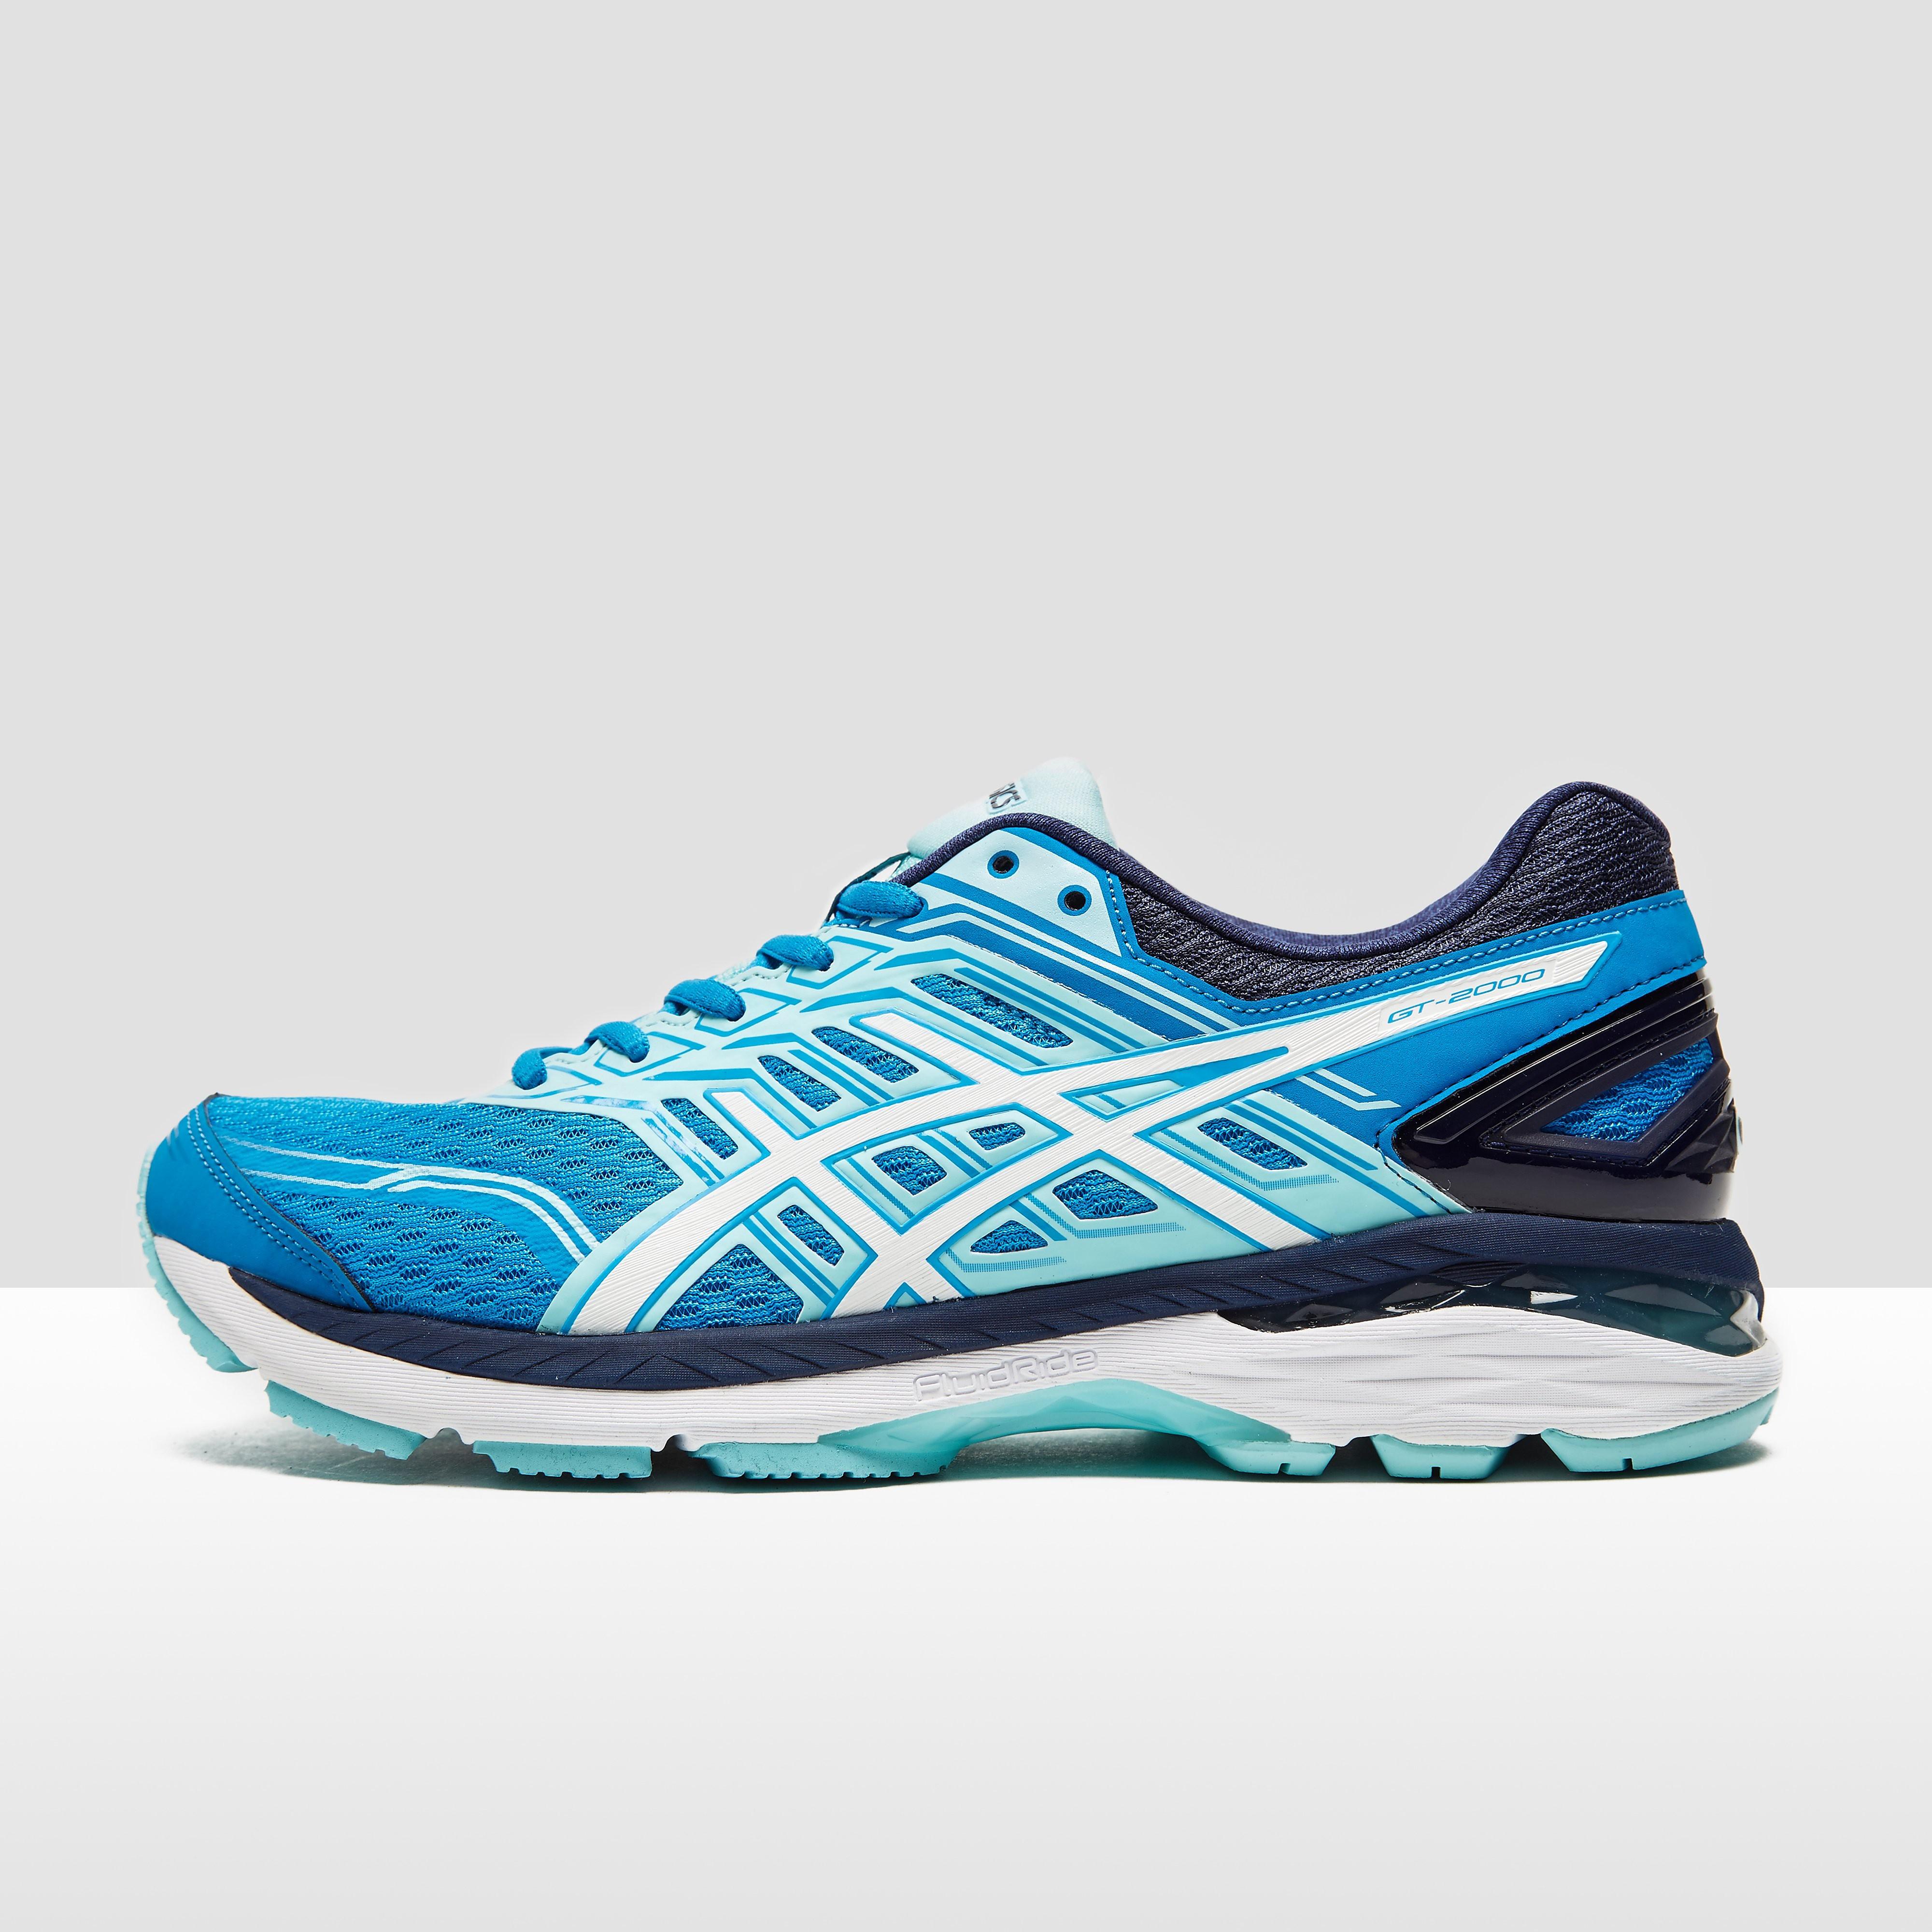 ASICS Women's GT- 2000 5 Running Shoes